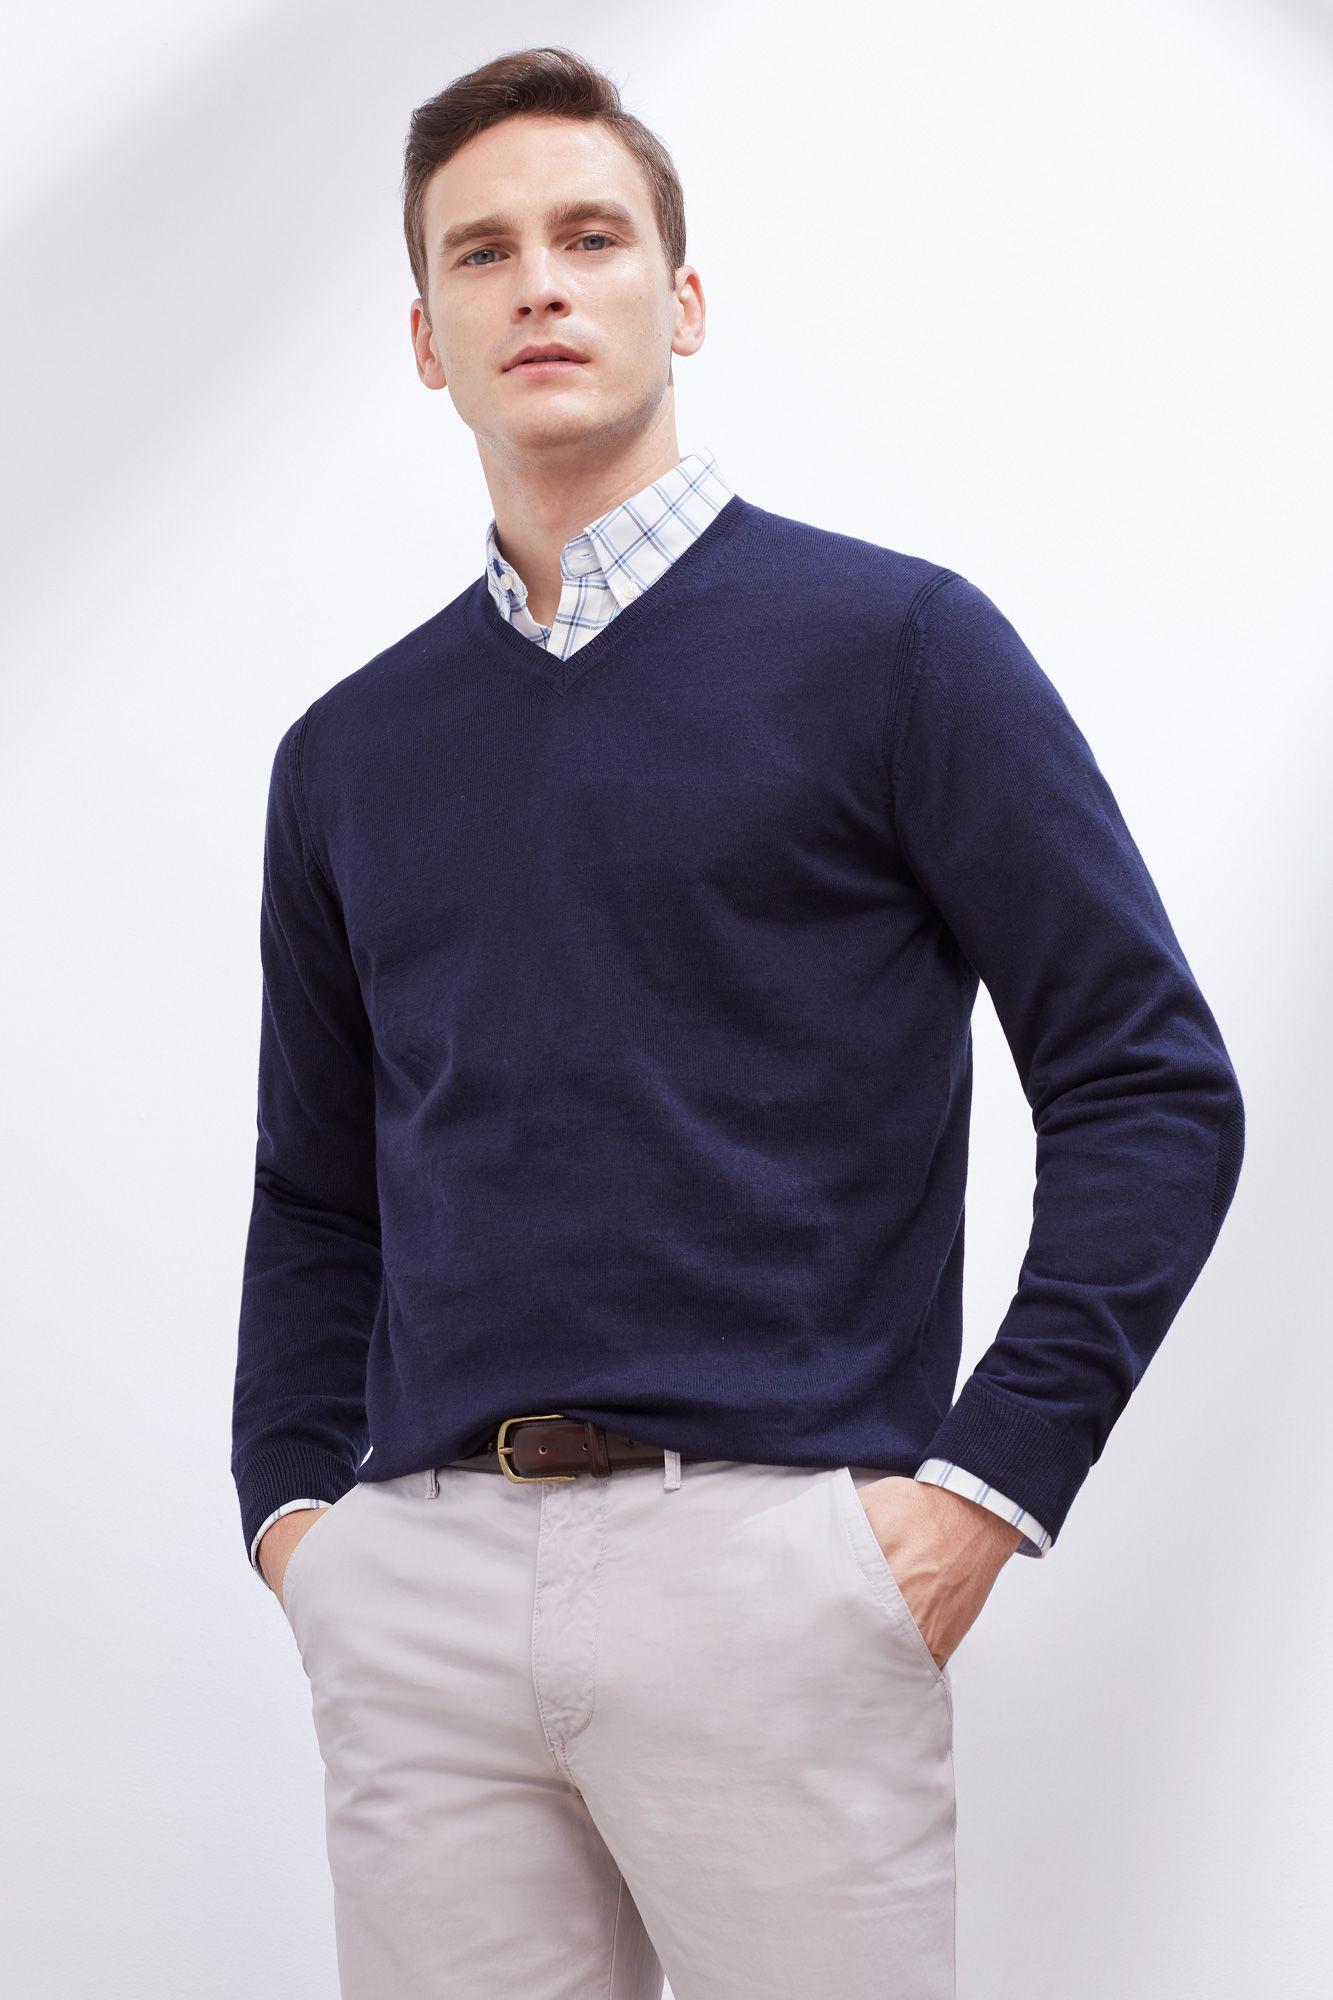 Las tendencias y actualidad en moda masculina para que estés a la última y seas el chico más trendy.